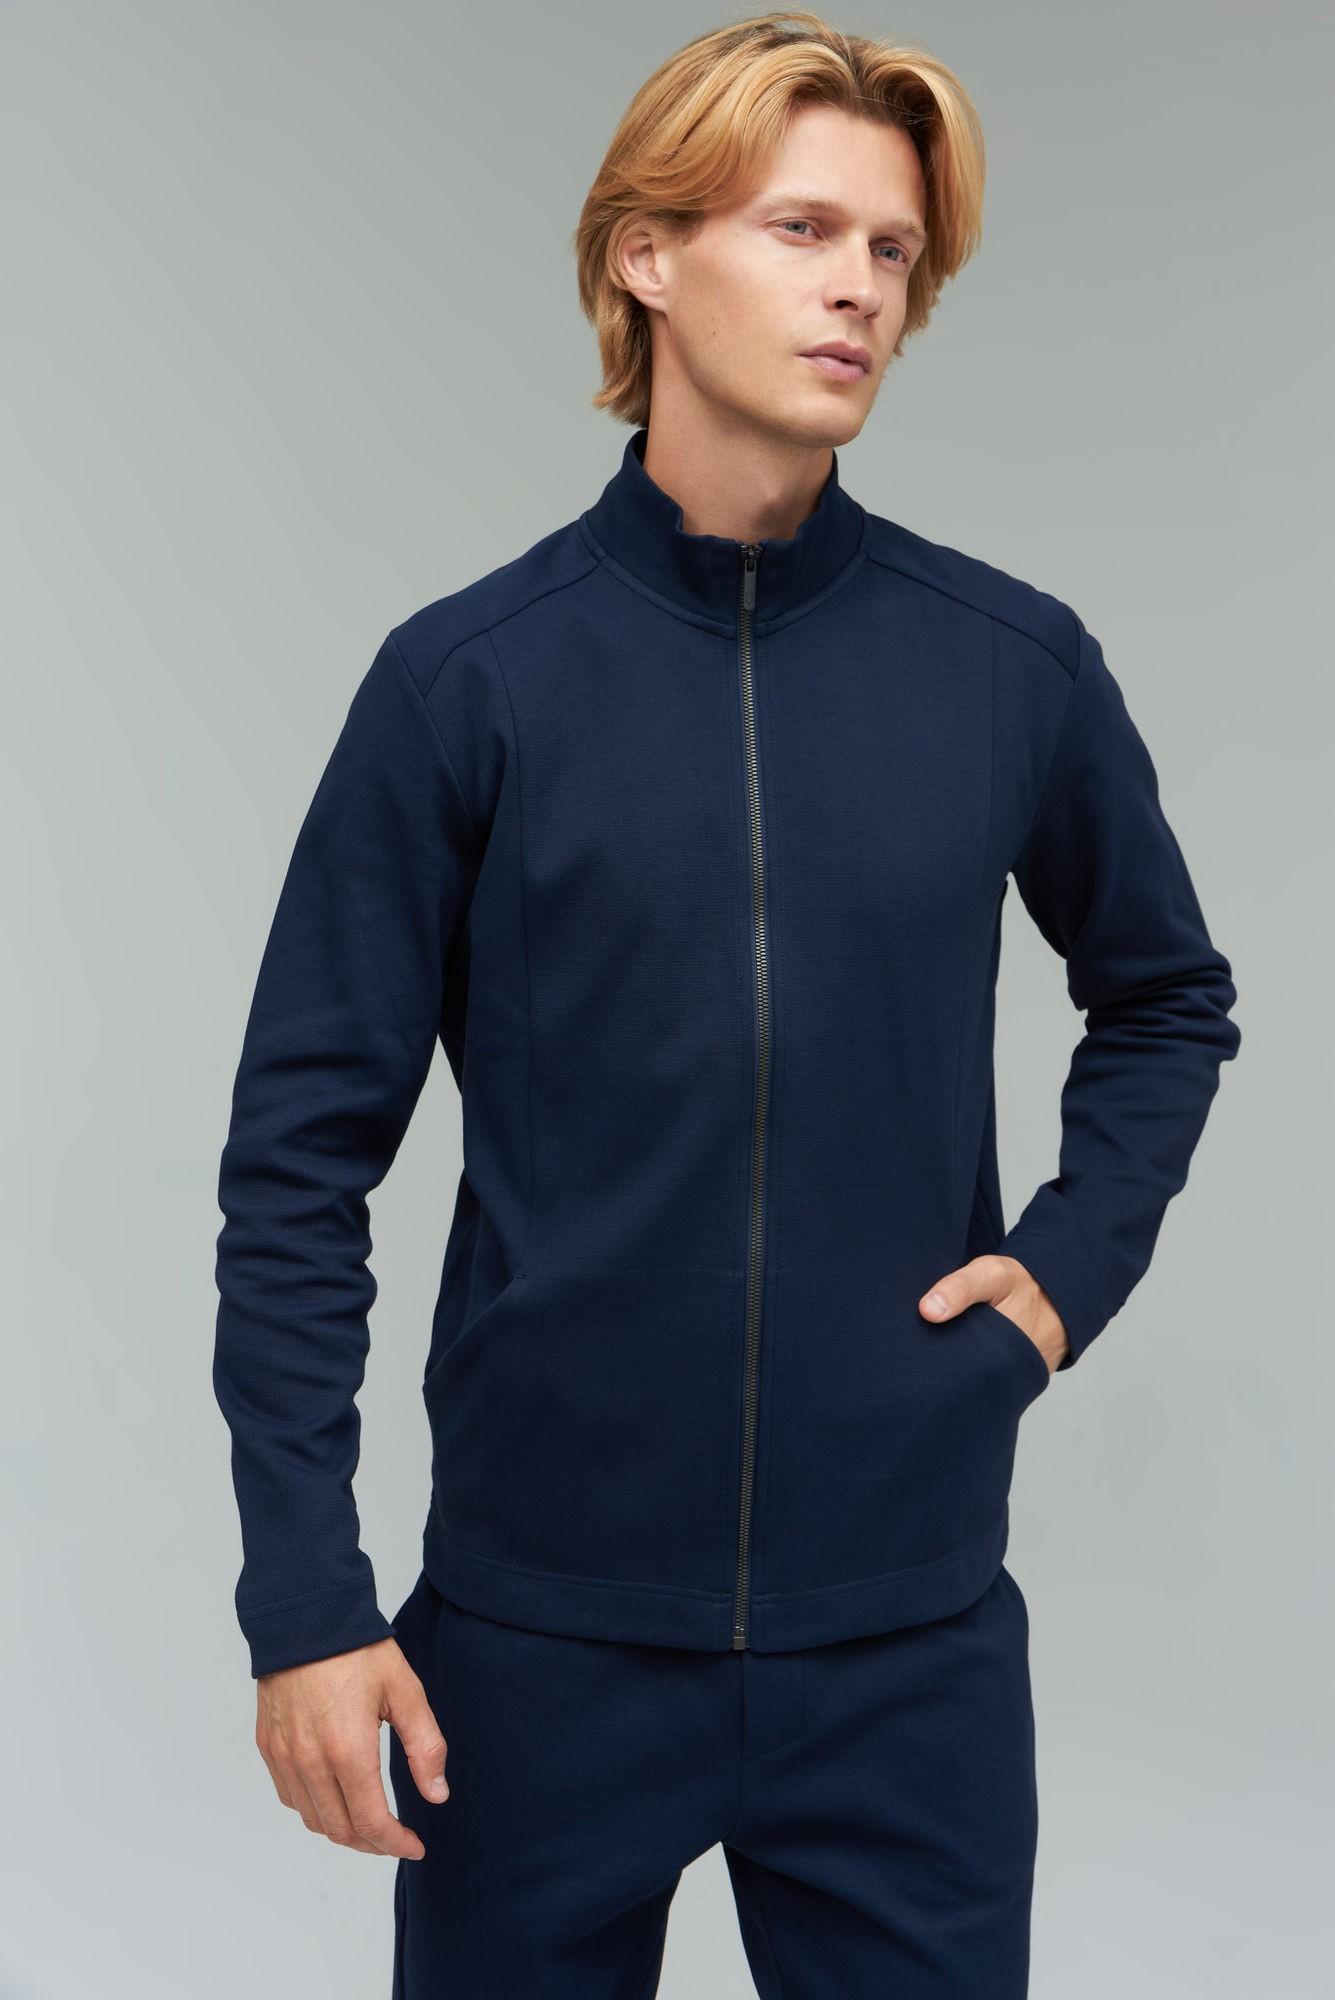 AUDIMAS Atsegamas medvilninis džemperis 2021-461 Navy Blazer L